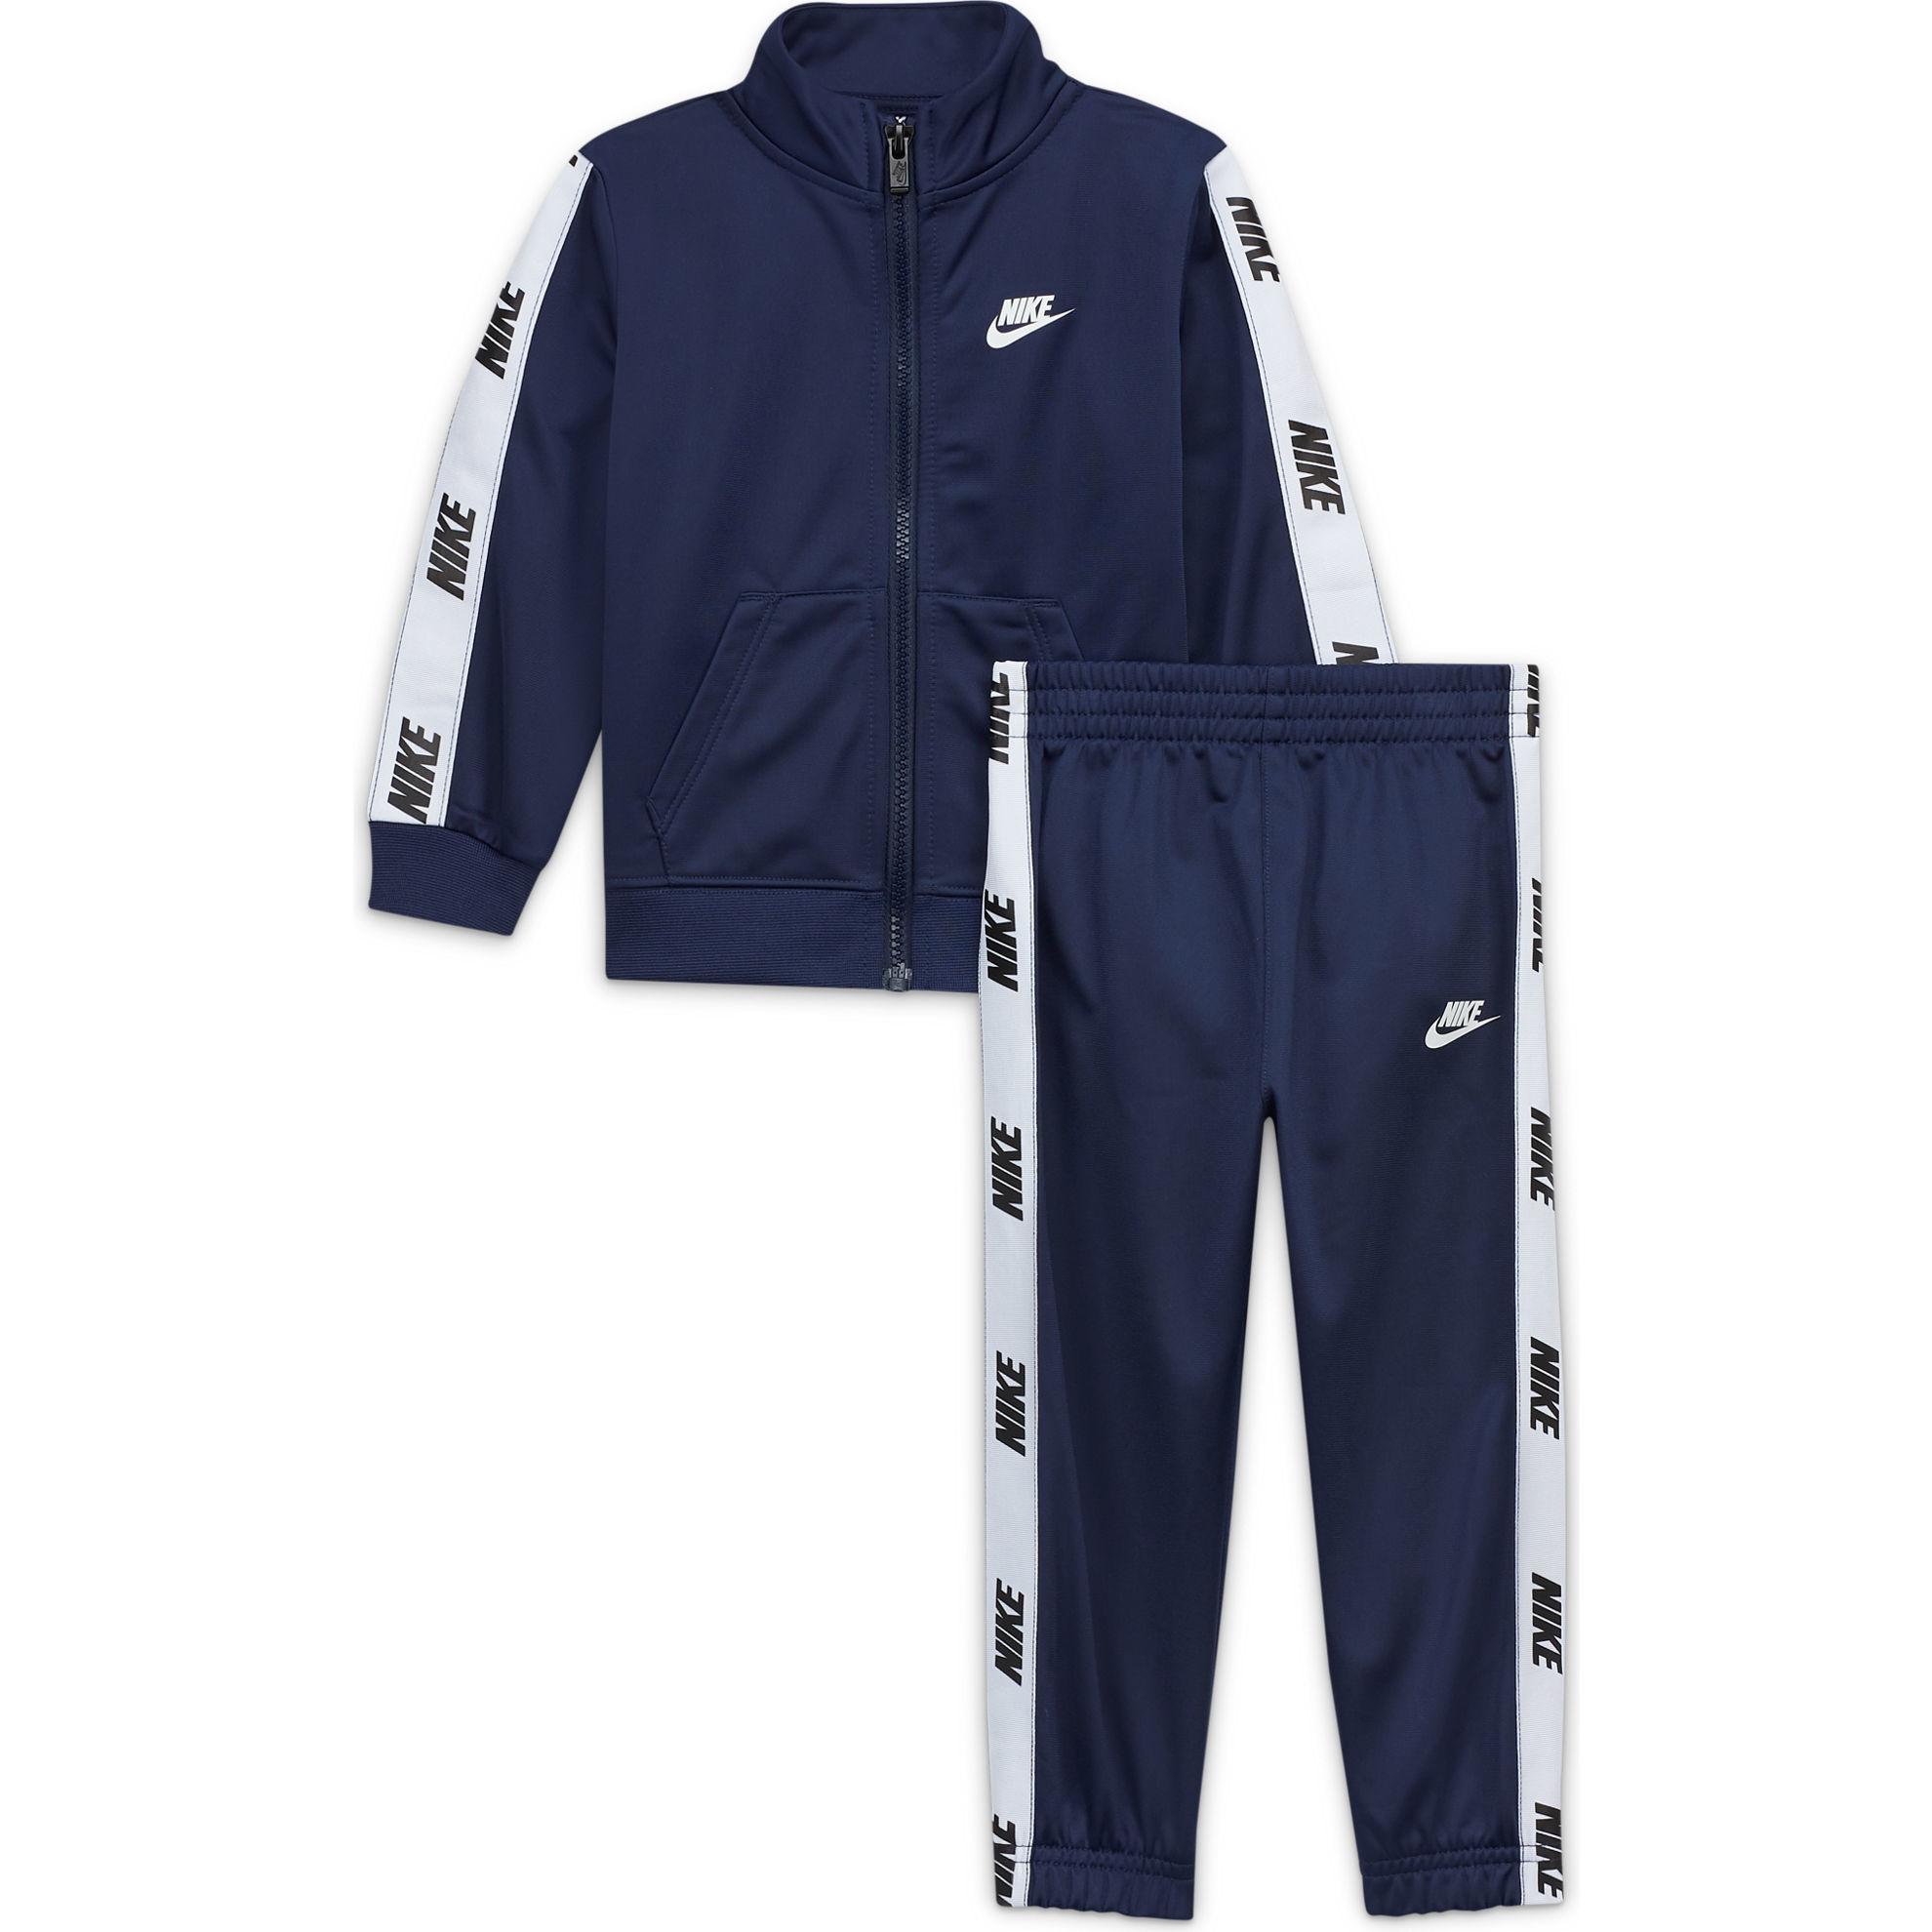 Bilde av Nike boys tricot sett 66G796-U90